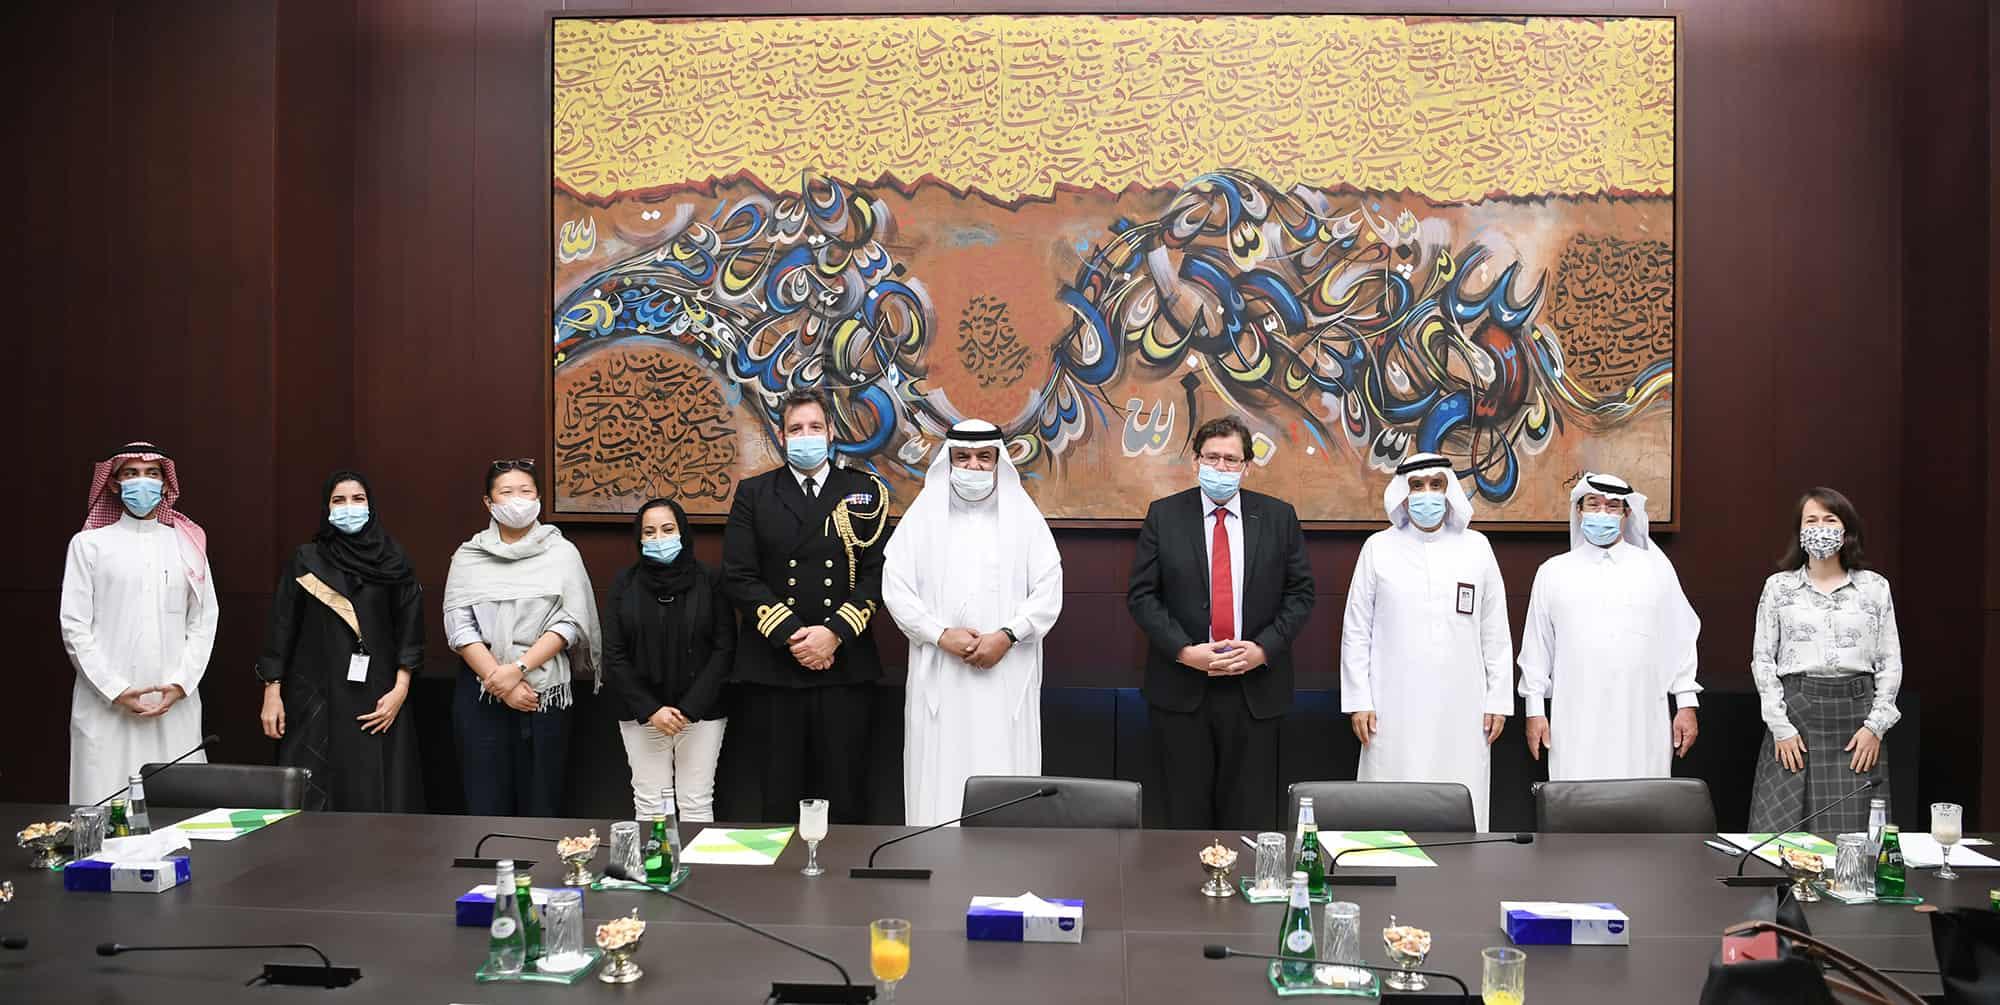 مركز الملك عبدالعزيز للحوار الوطني